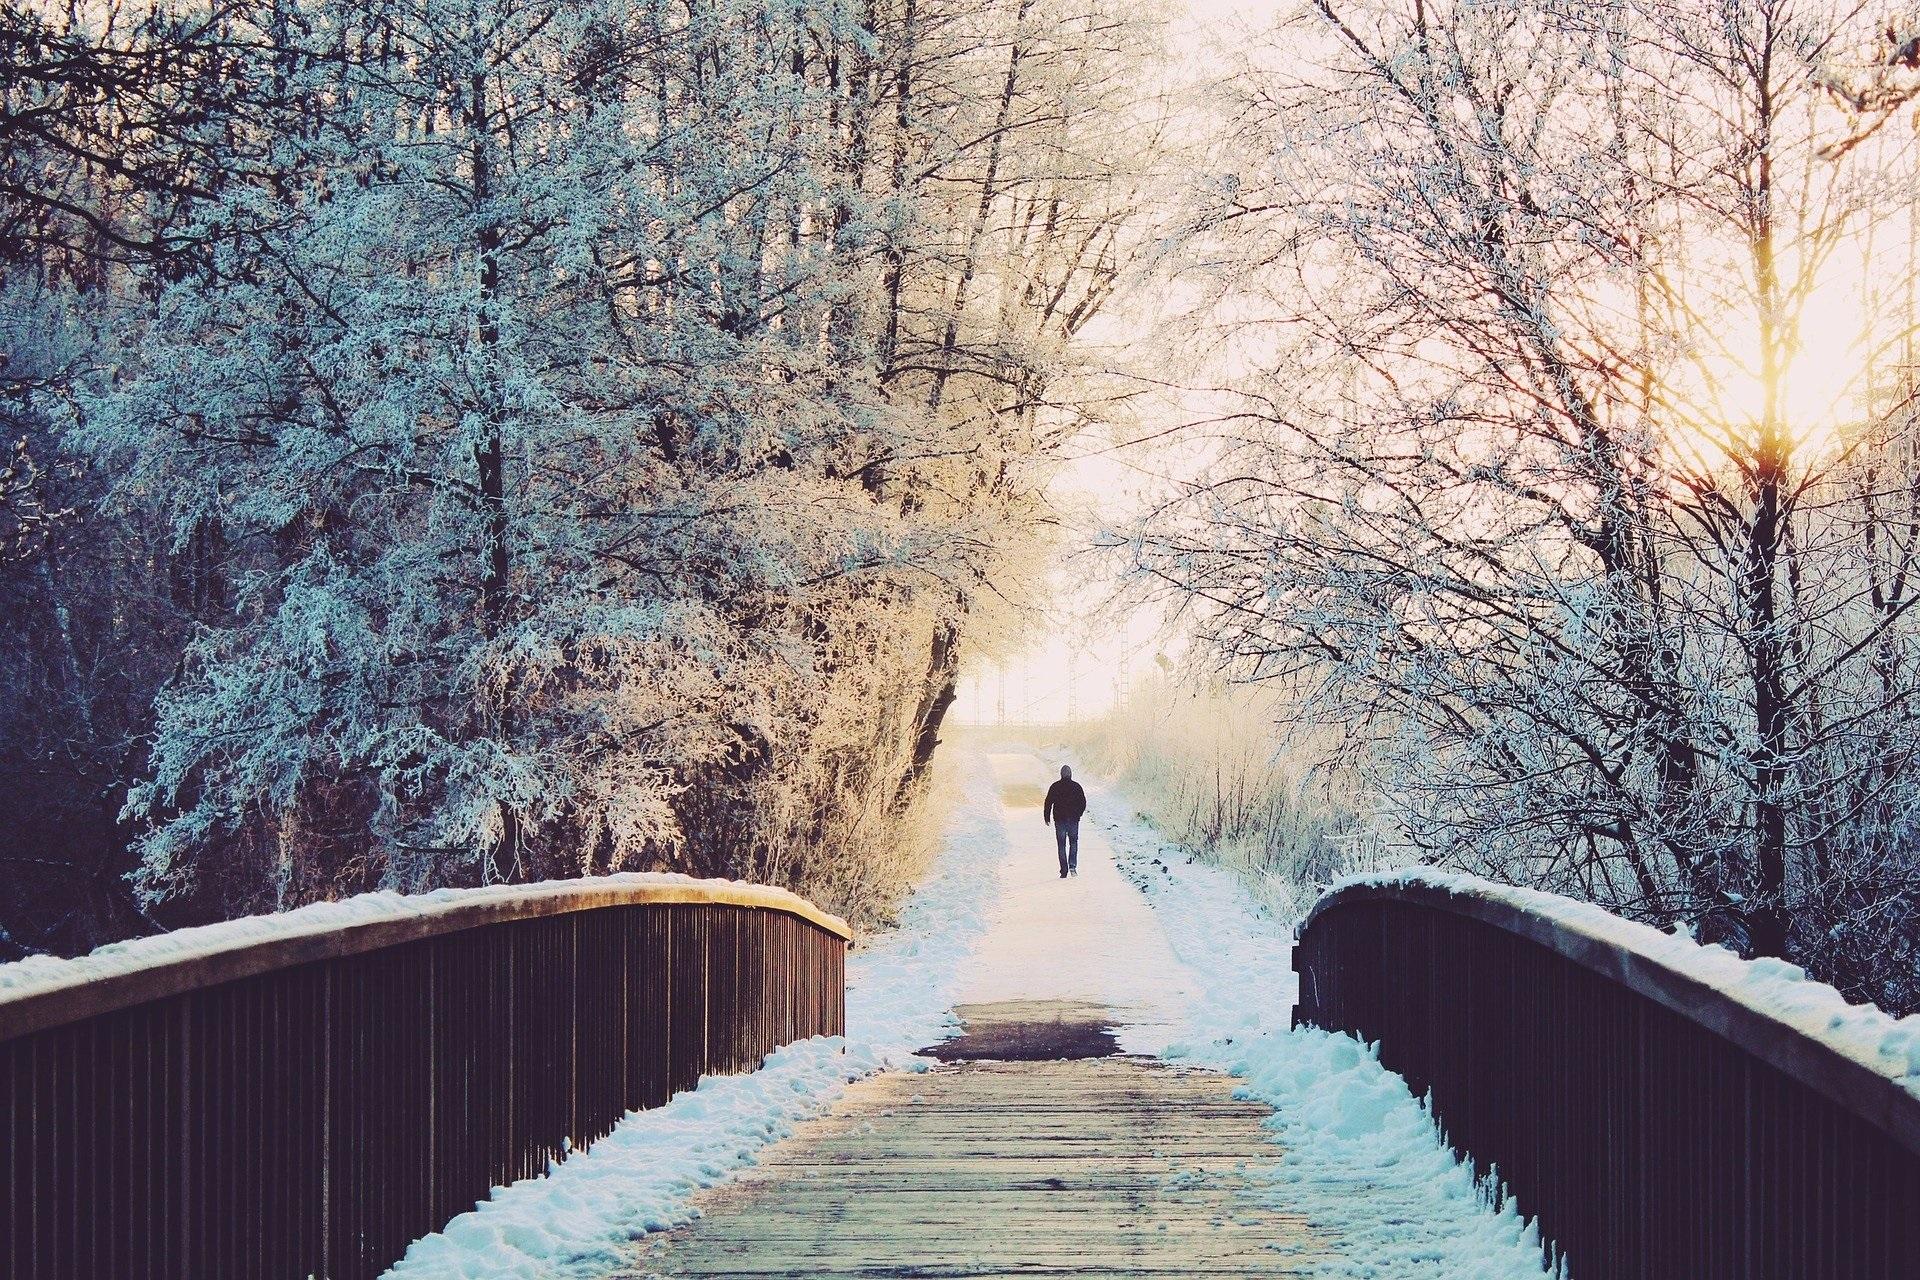 fotograferen in de winter tips